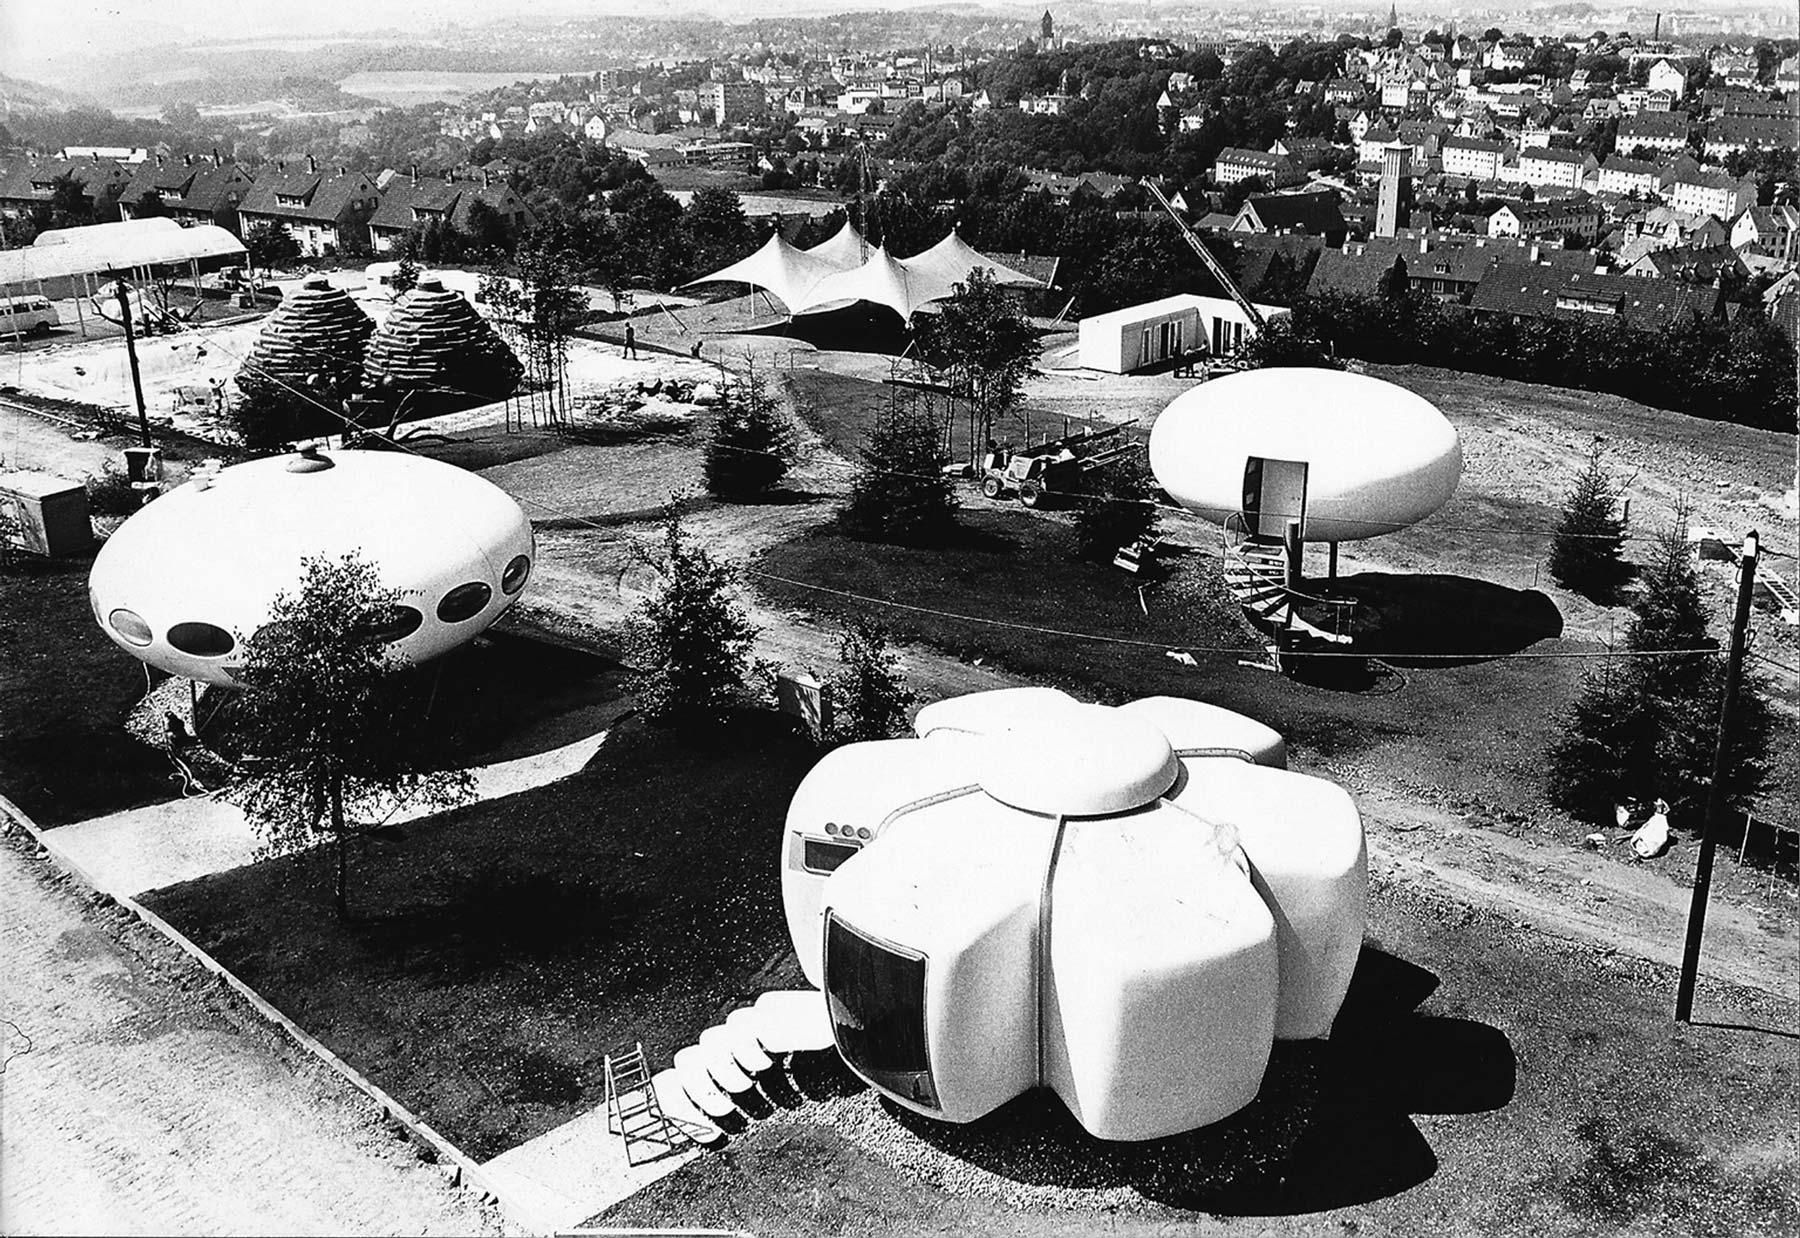 Maison bulle – Jean-Benjamin Maneval